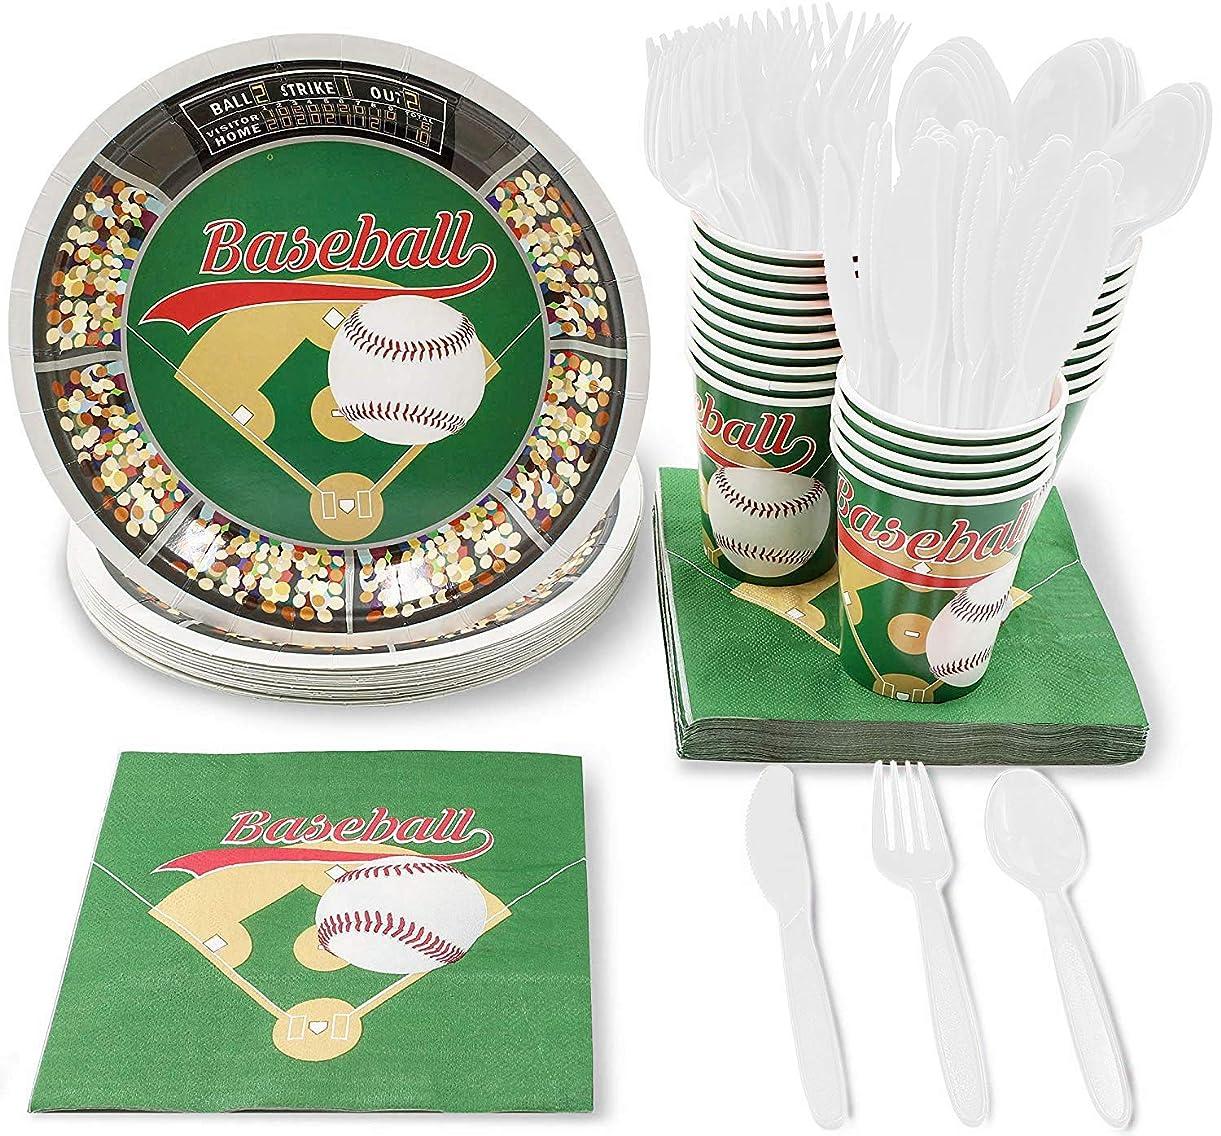 モーテルしてはいけない人差し指Disposable Dinnerware Set - Serves 24 - Baseball Party Supplies - Includes Plastic Knives, Spoons, Forks, Paper Plates, Napkins, Cups